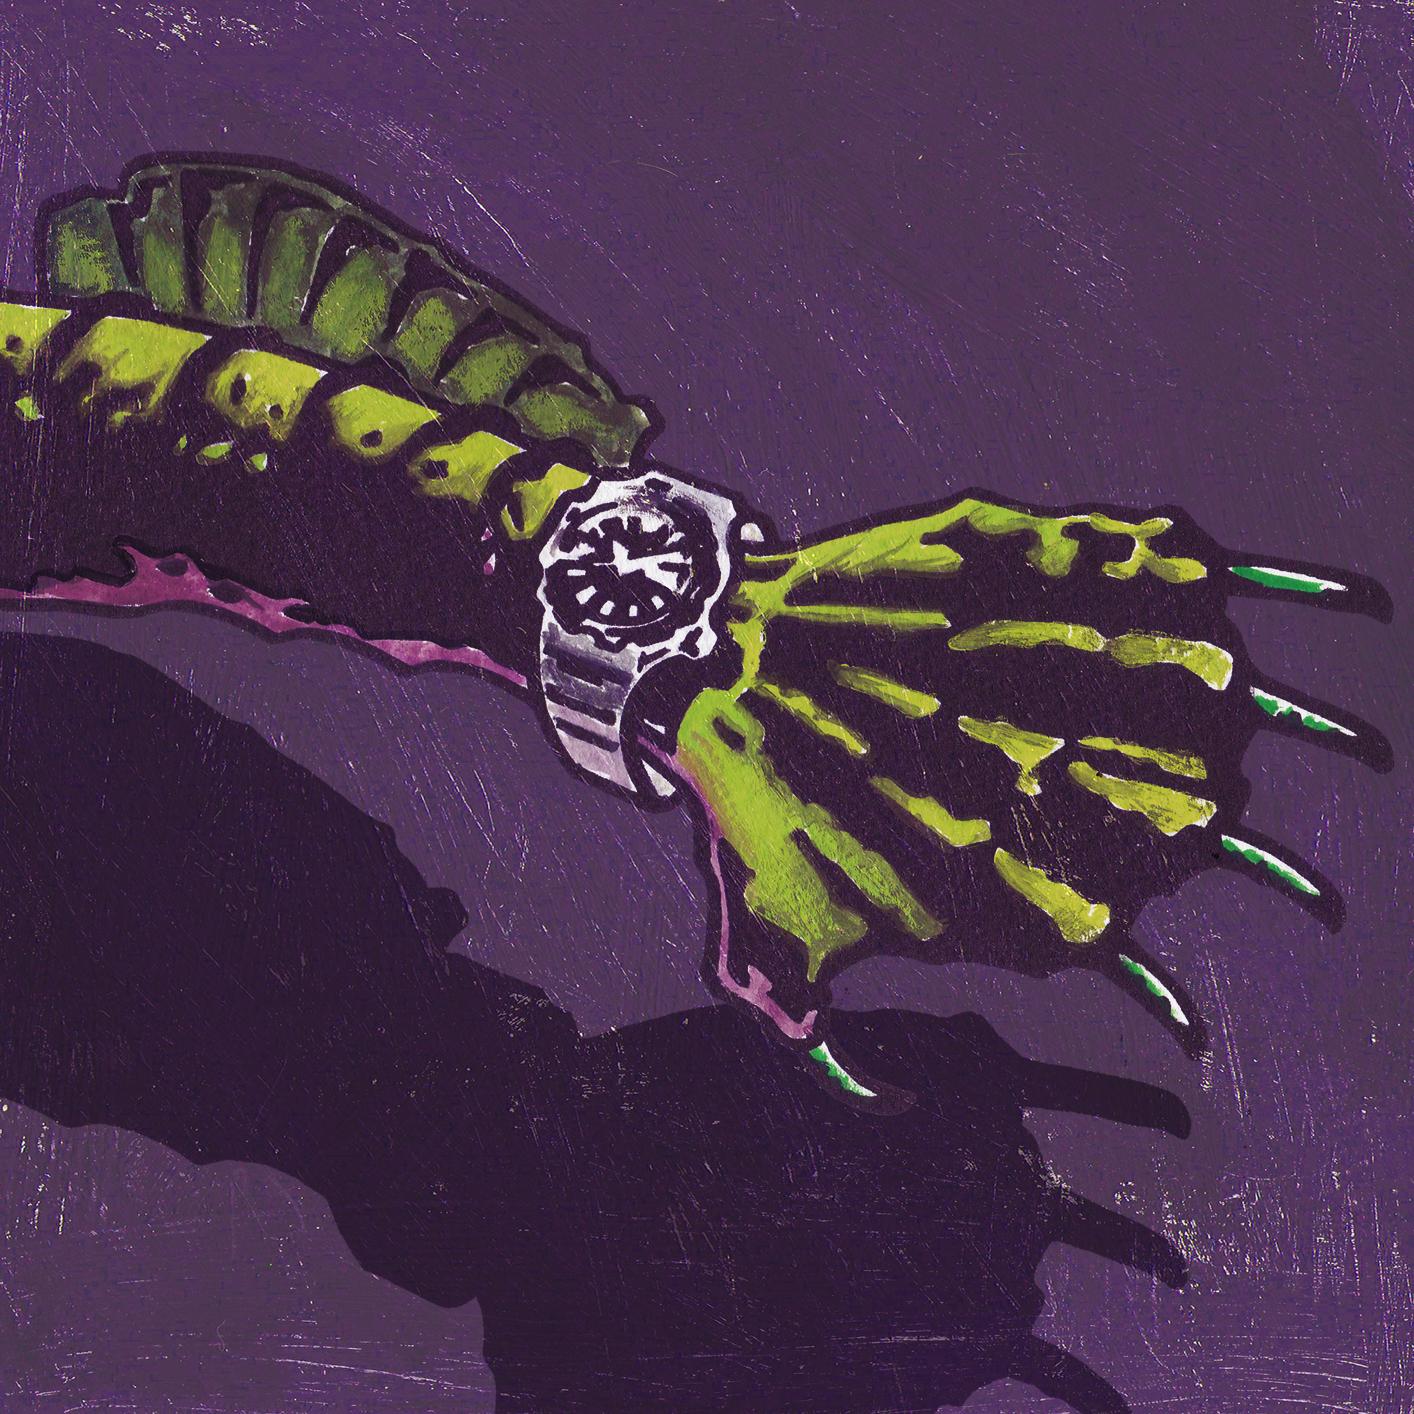 四代目モデルSBDY033を着けた怪物の腕のイラスト。